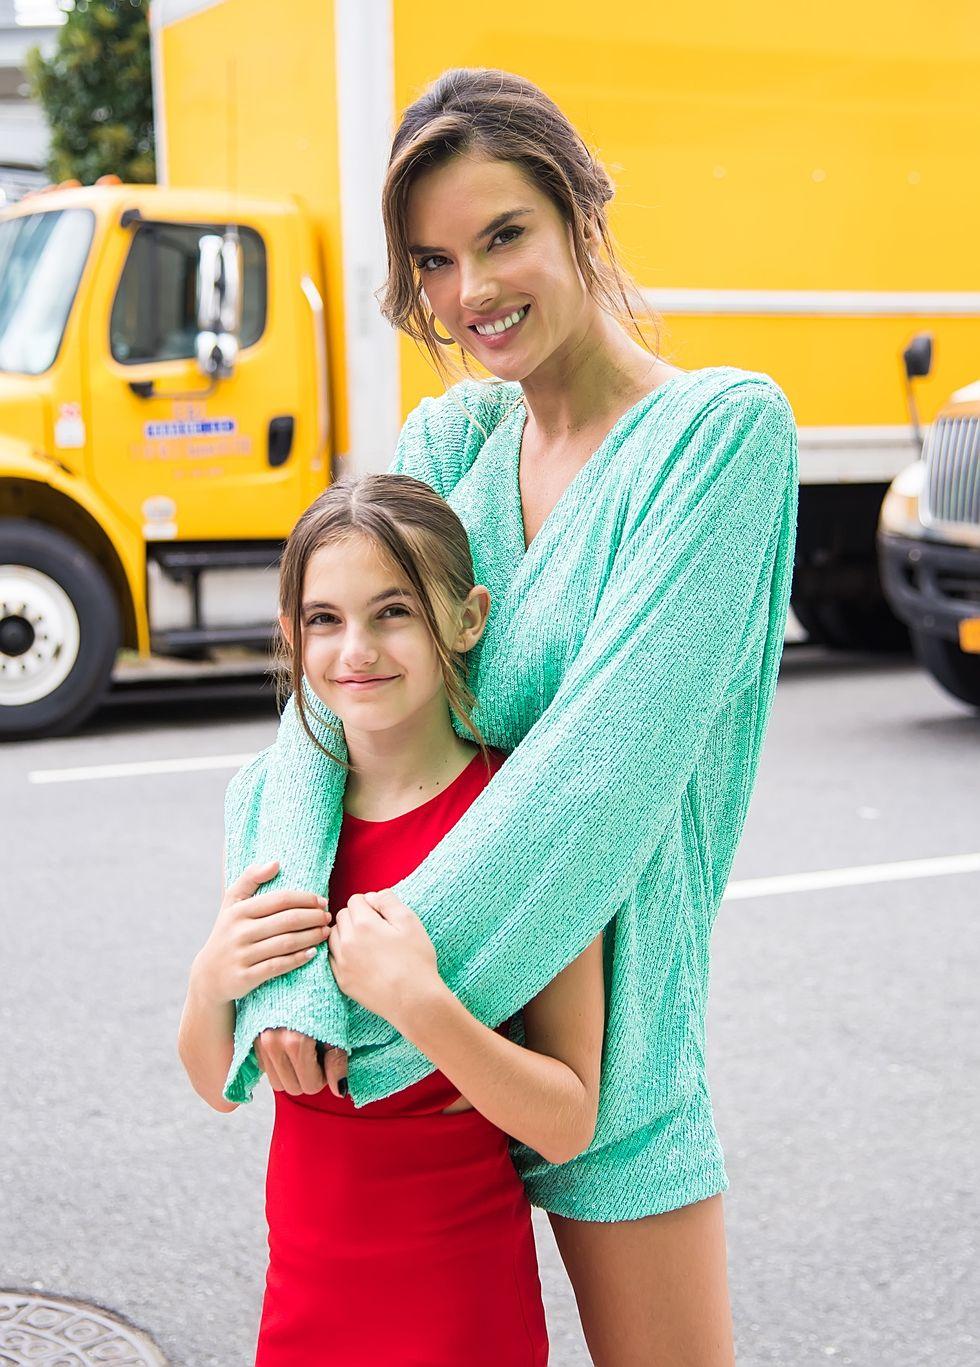 A topmodell Alessandra Ambrosio és a kislánya, Anja Louise Ambrosio Mazur